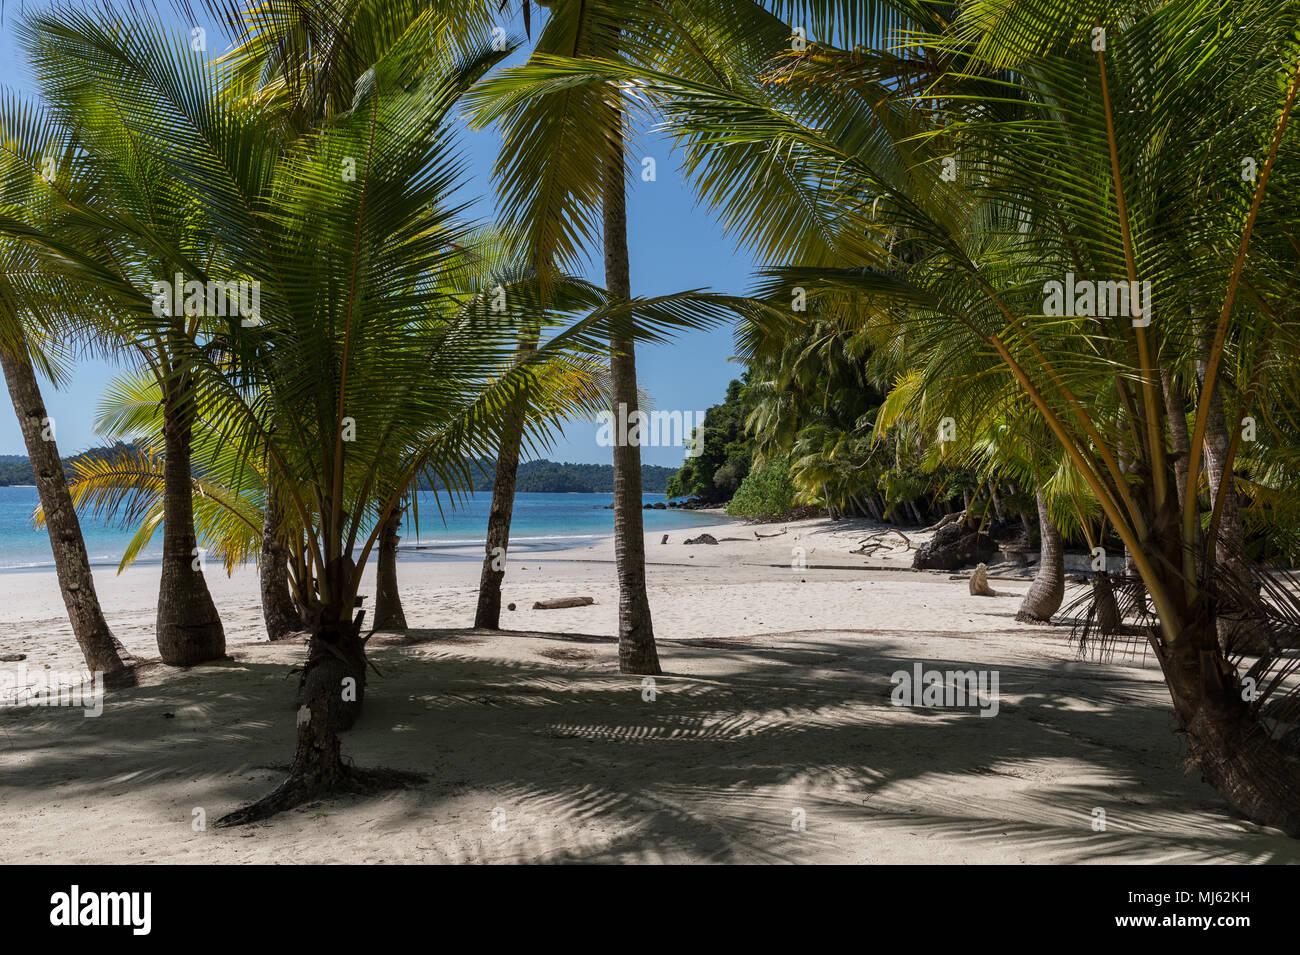 Parco Nazionale di Coiba, situato Golfo di Chiriqui, Panama, Centroamerica Immagini Stock